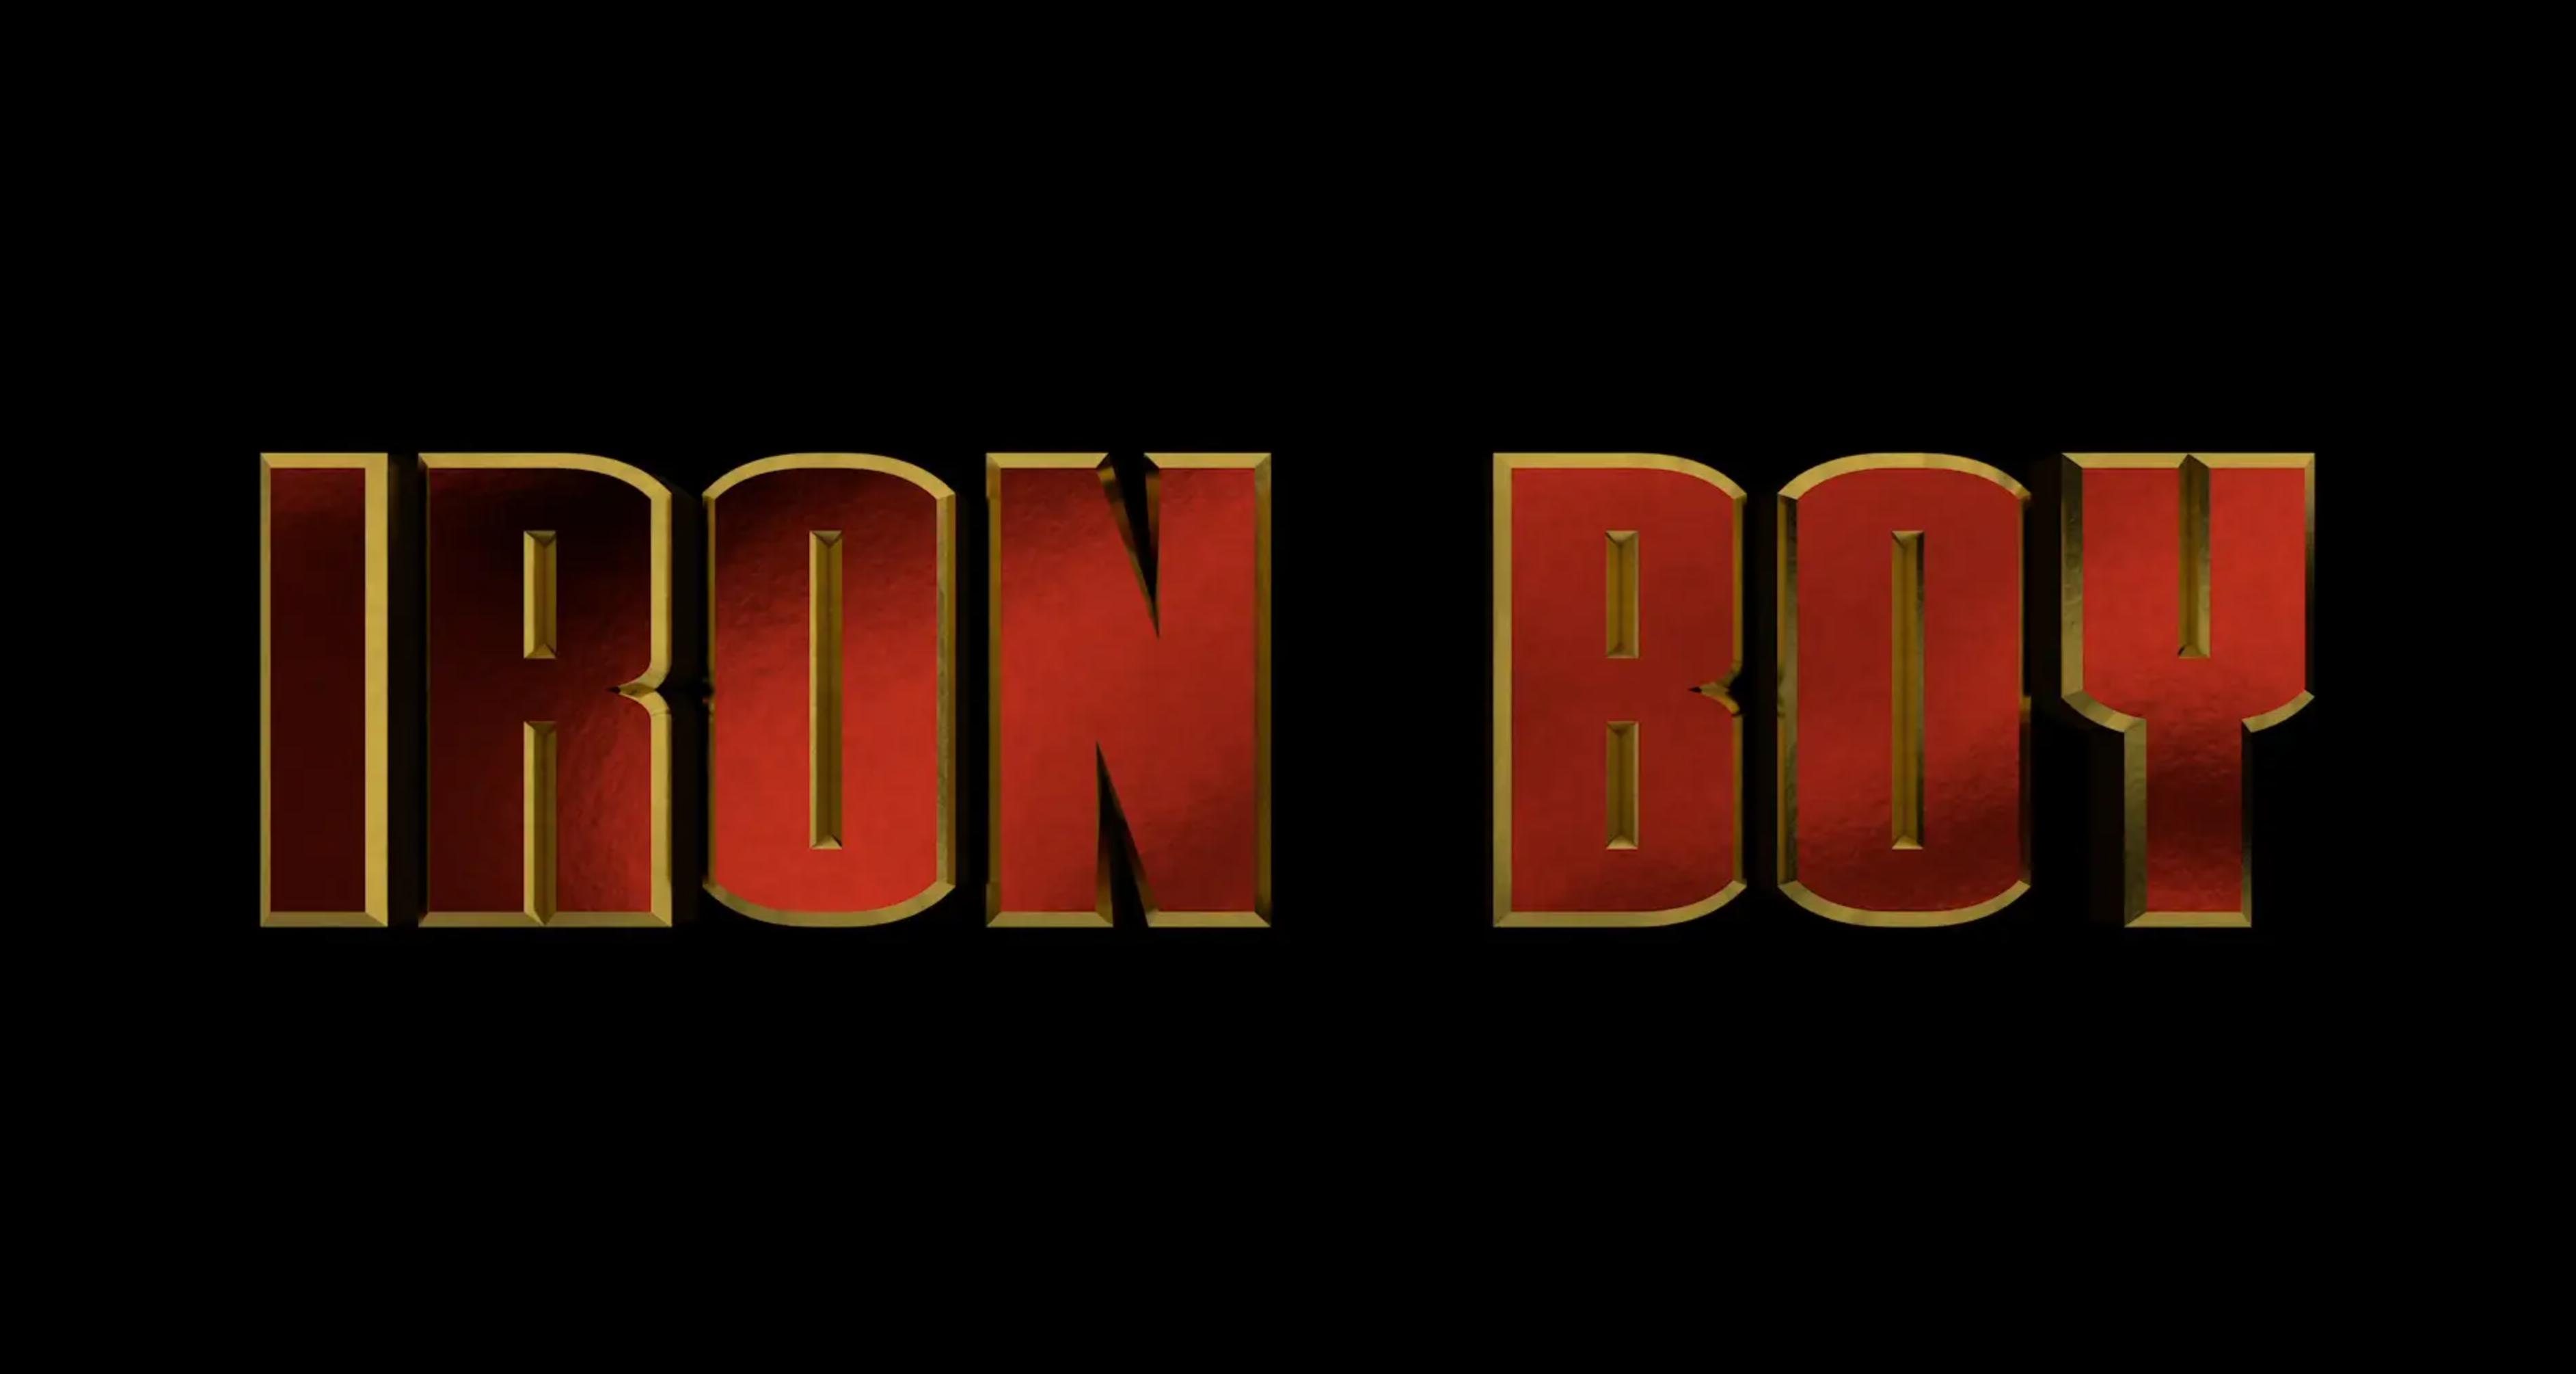 Iron Boy Vs. The Virus